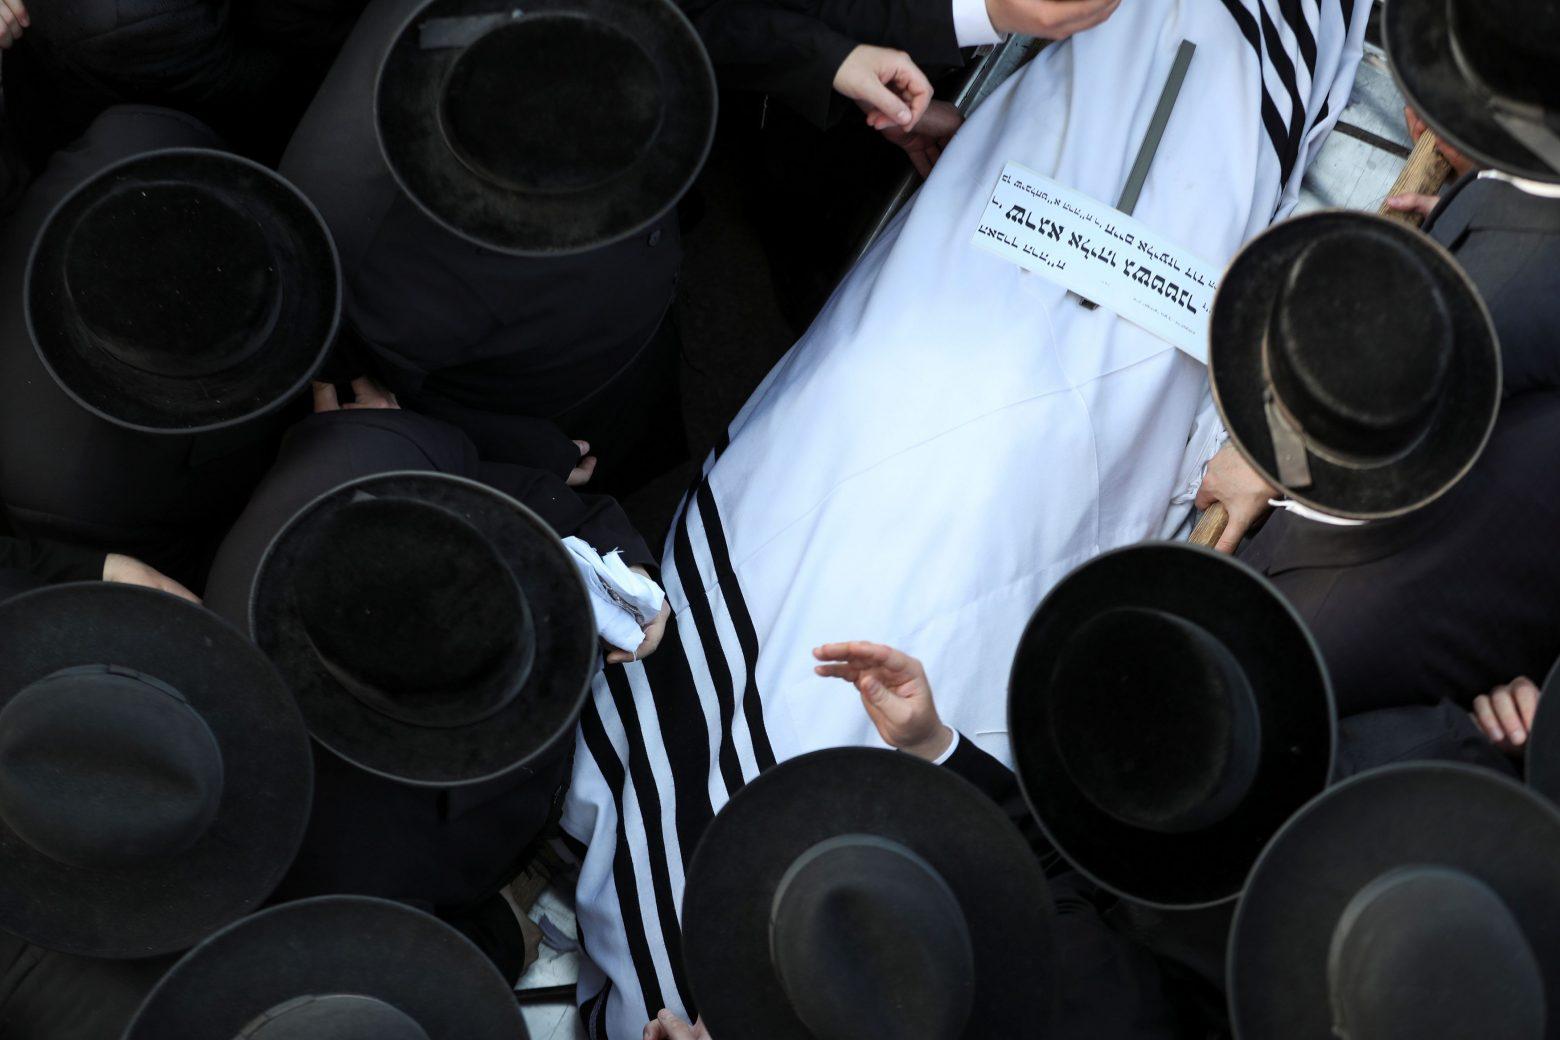 Ισραήλ: Άντρας καταγγέλλει ότι προειδοποίησε για την τραγωδία δυο ώρες πριν – «Δεν με πήραν στα σοβαρά»